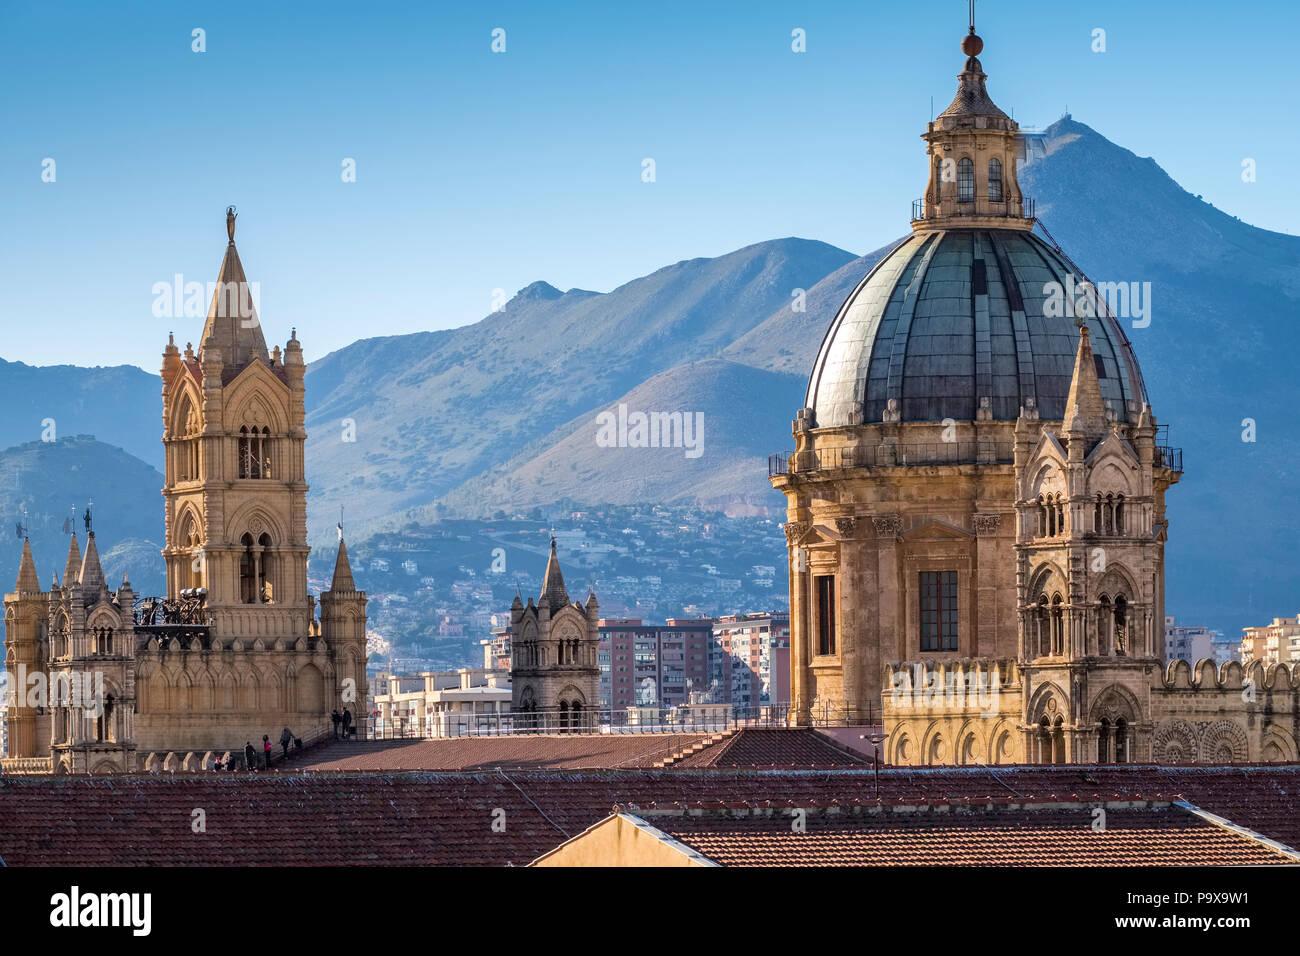 Sicilia, Italia - Skyline di Palermo, sicilia, Europa, mostrando la cupola della cattedrale di Palermo e architettura Immagini Stock